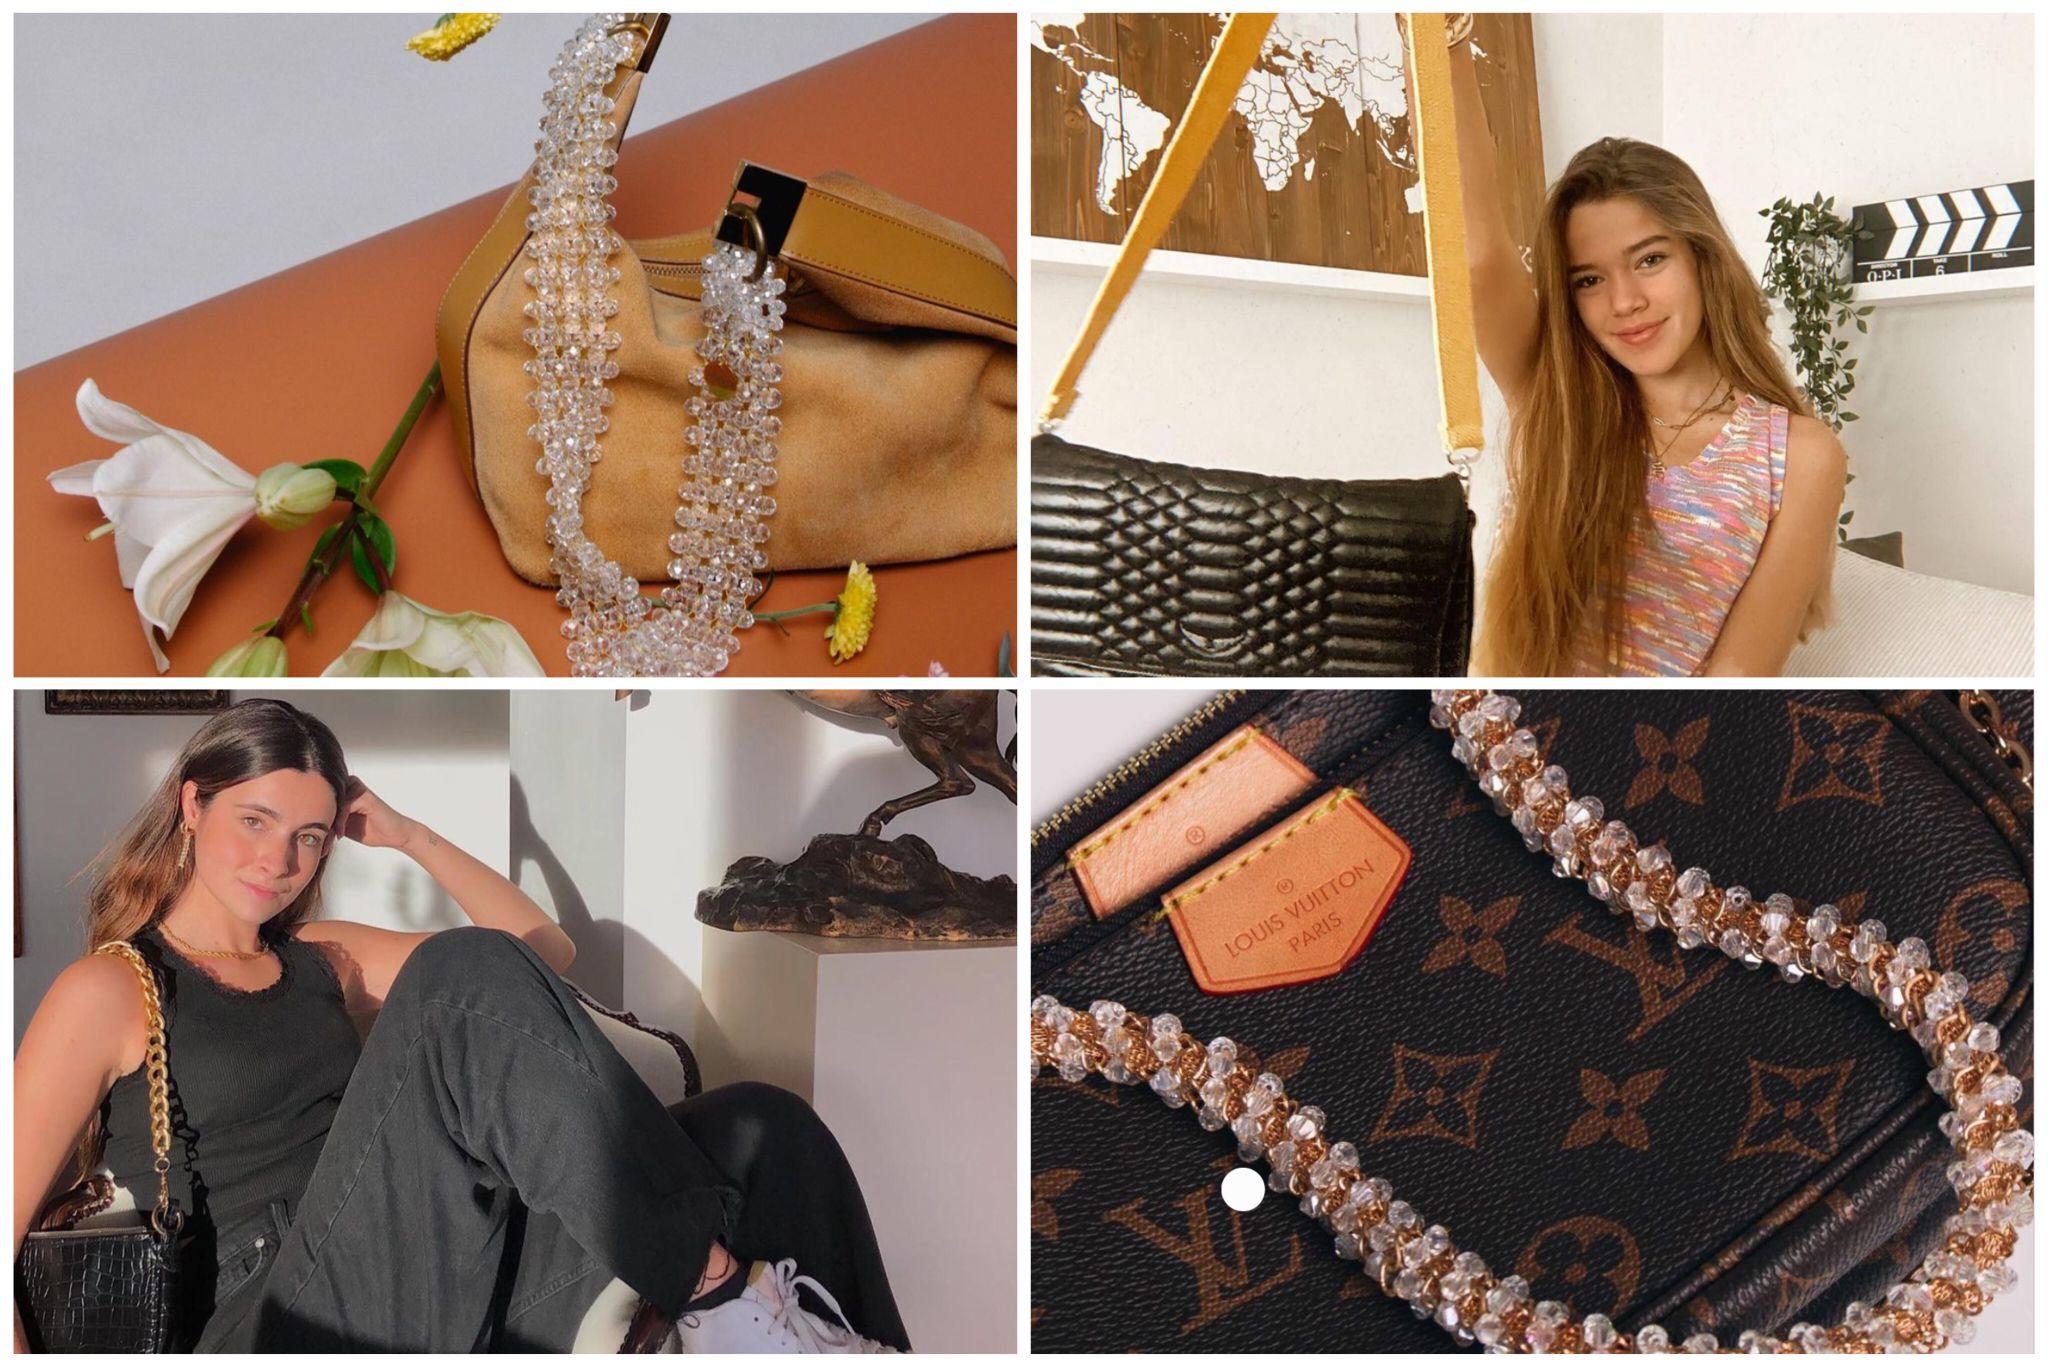 Strapzbrand, la marca de correas de bolso valenciana que triunfa entre las influencers españolas